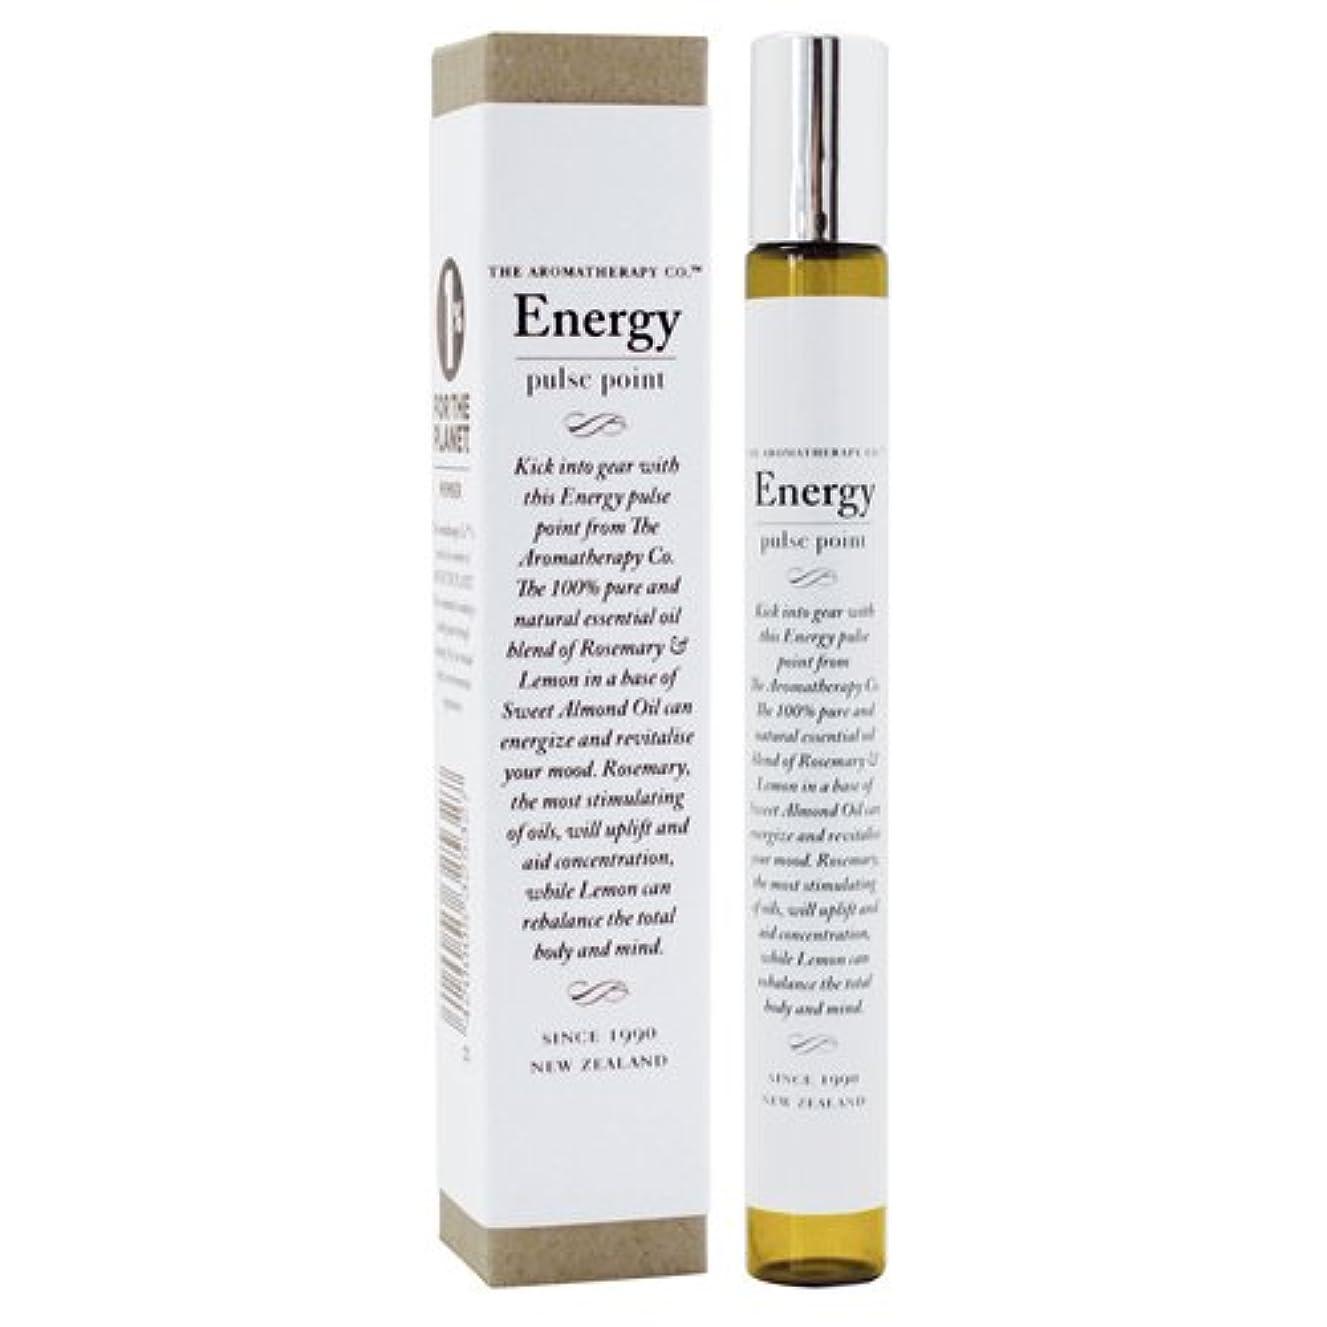 厳冗長式Therapy Range セラピーレンジ Pulse Pointパルスポイント Energyエナジー